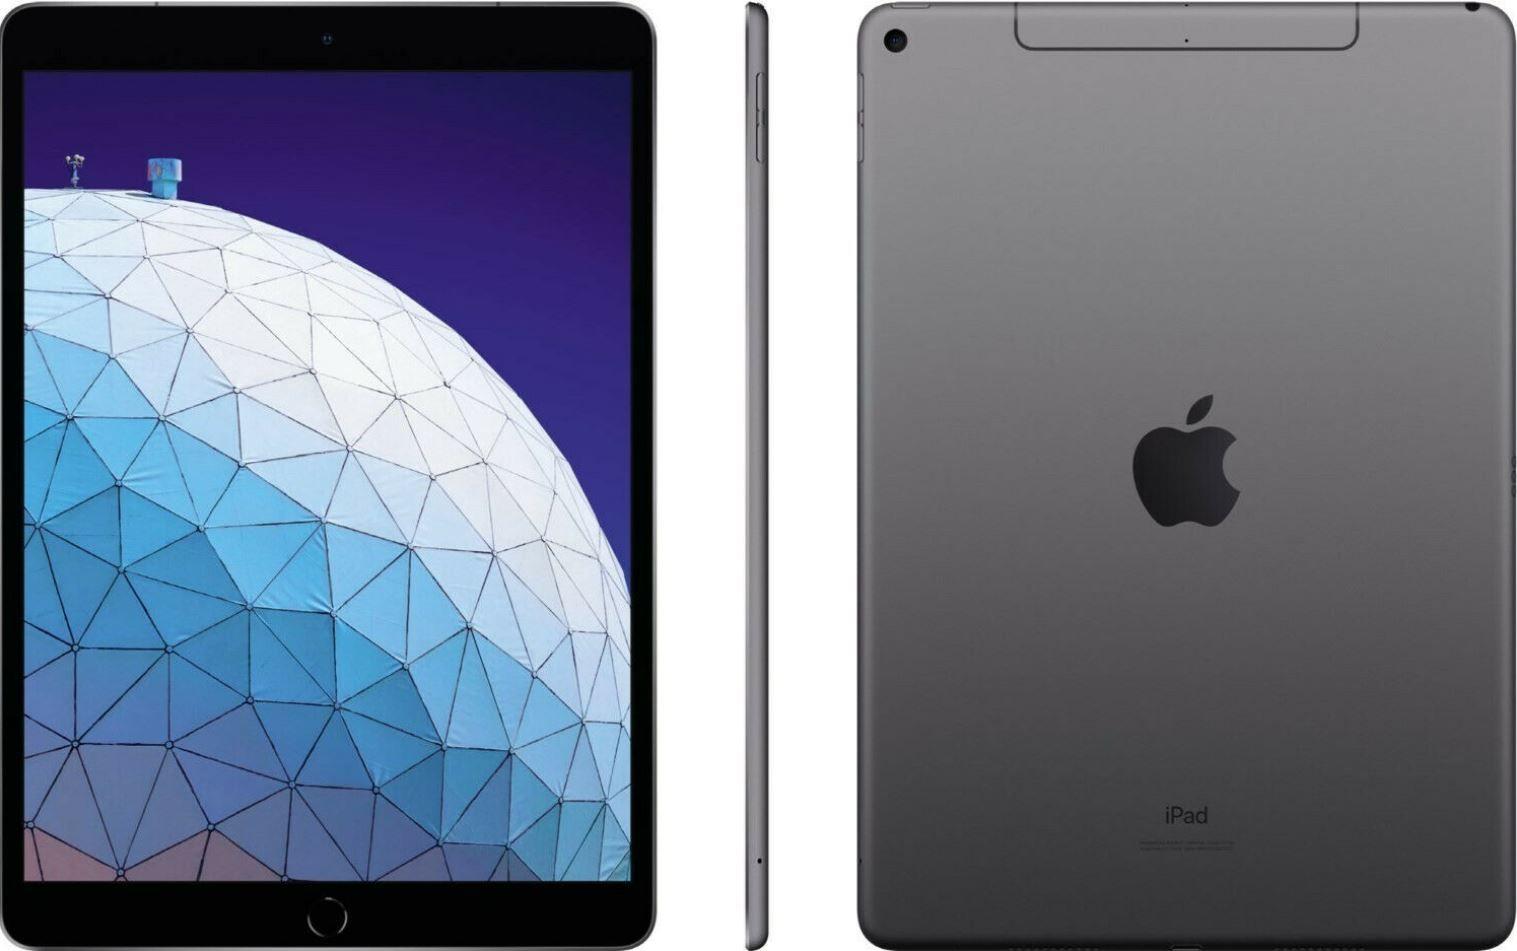 Apple iPad Air (2019) 64GB WiFi + LTE für 419€ (statt 521€)   keine OVP